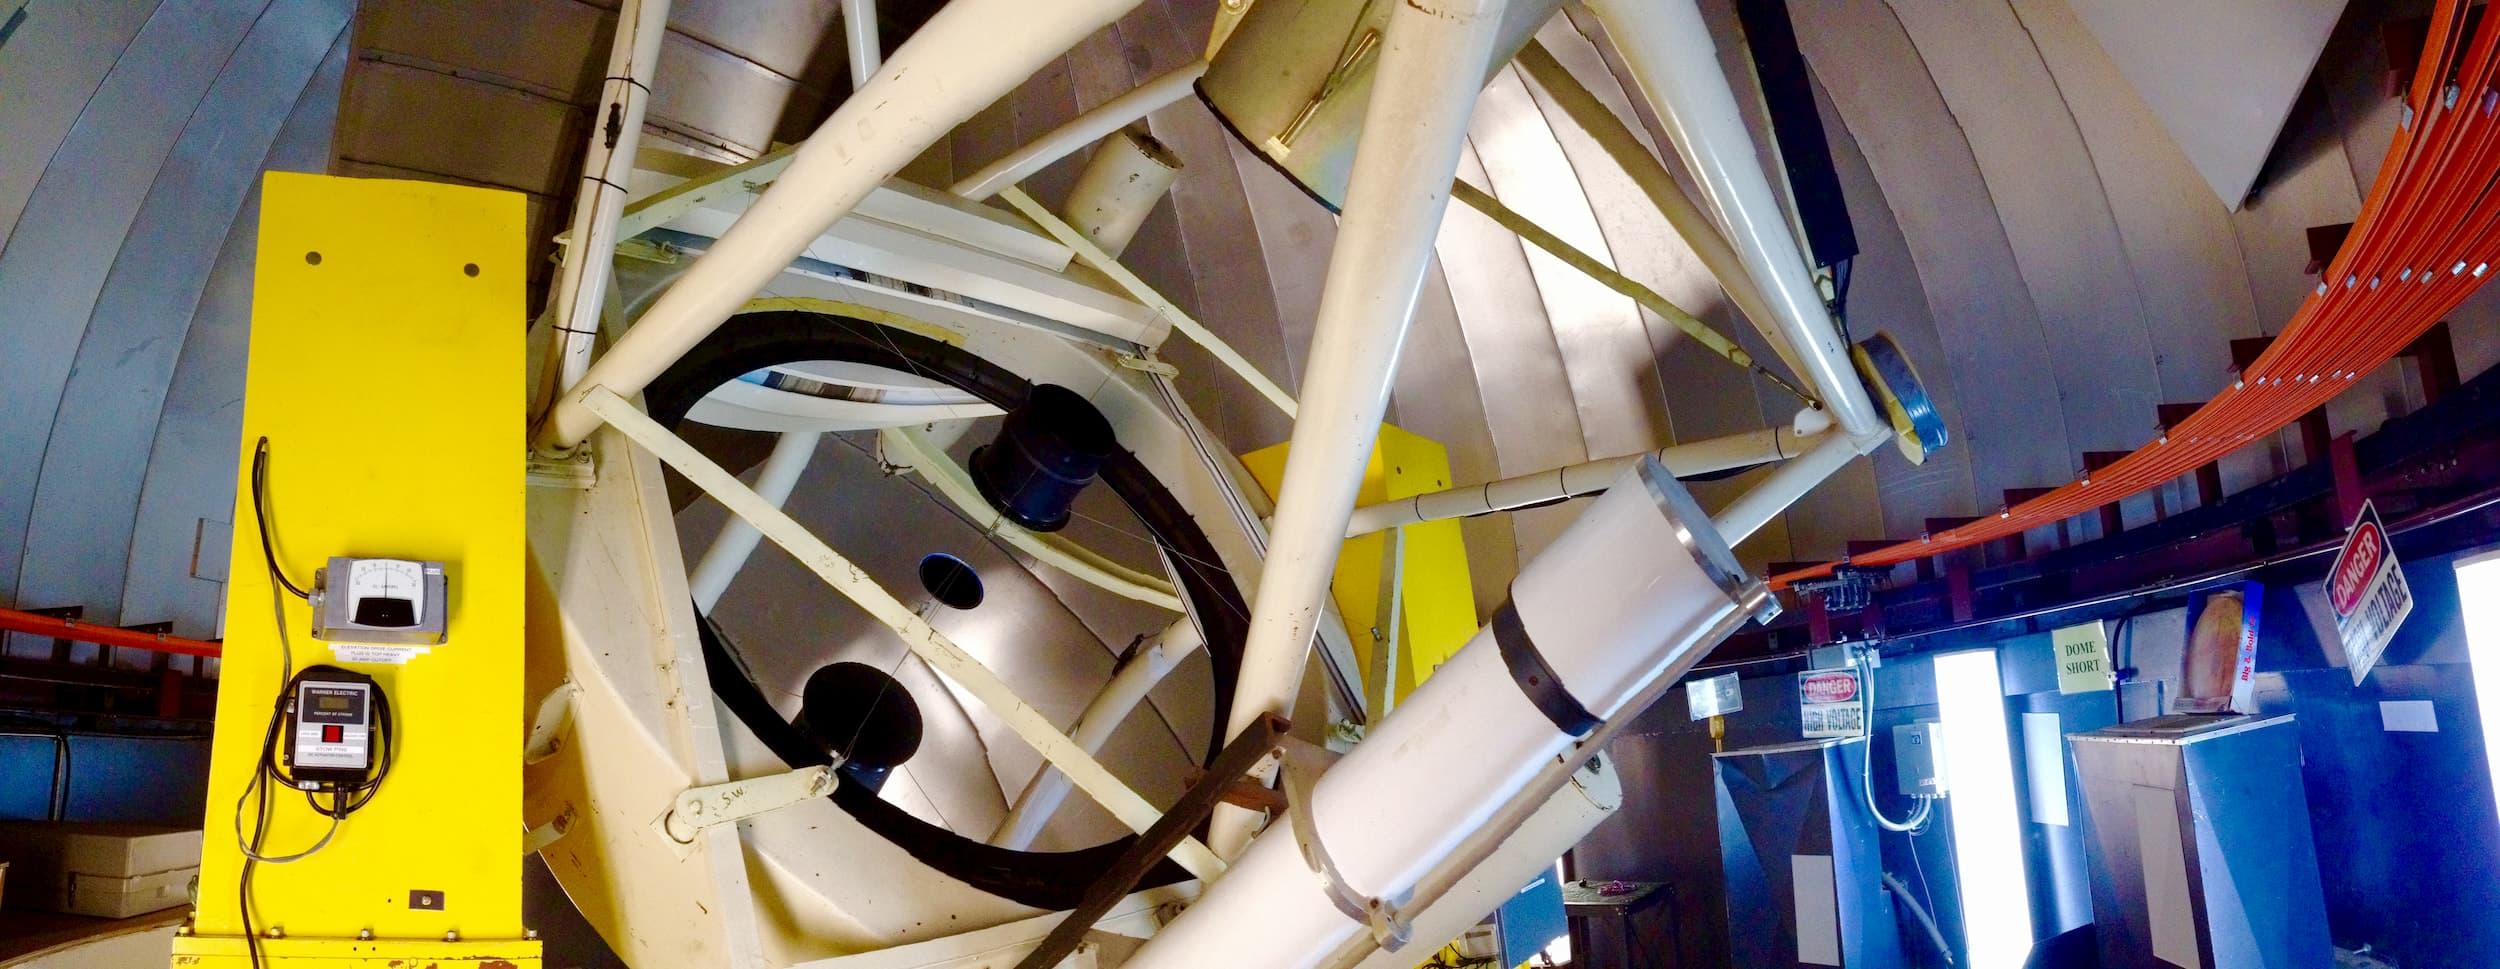 Vatican Advanced Technology Telescope (VATT) horizontal view